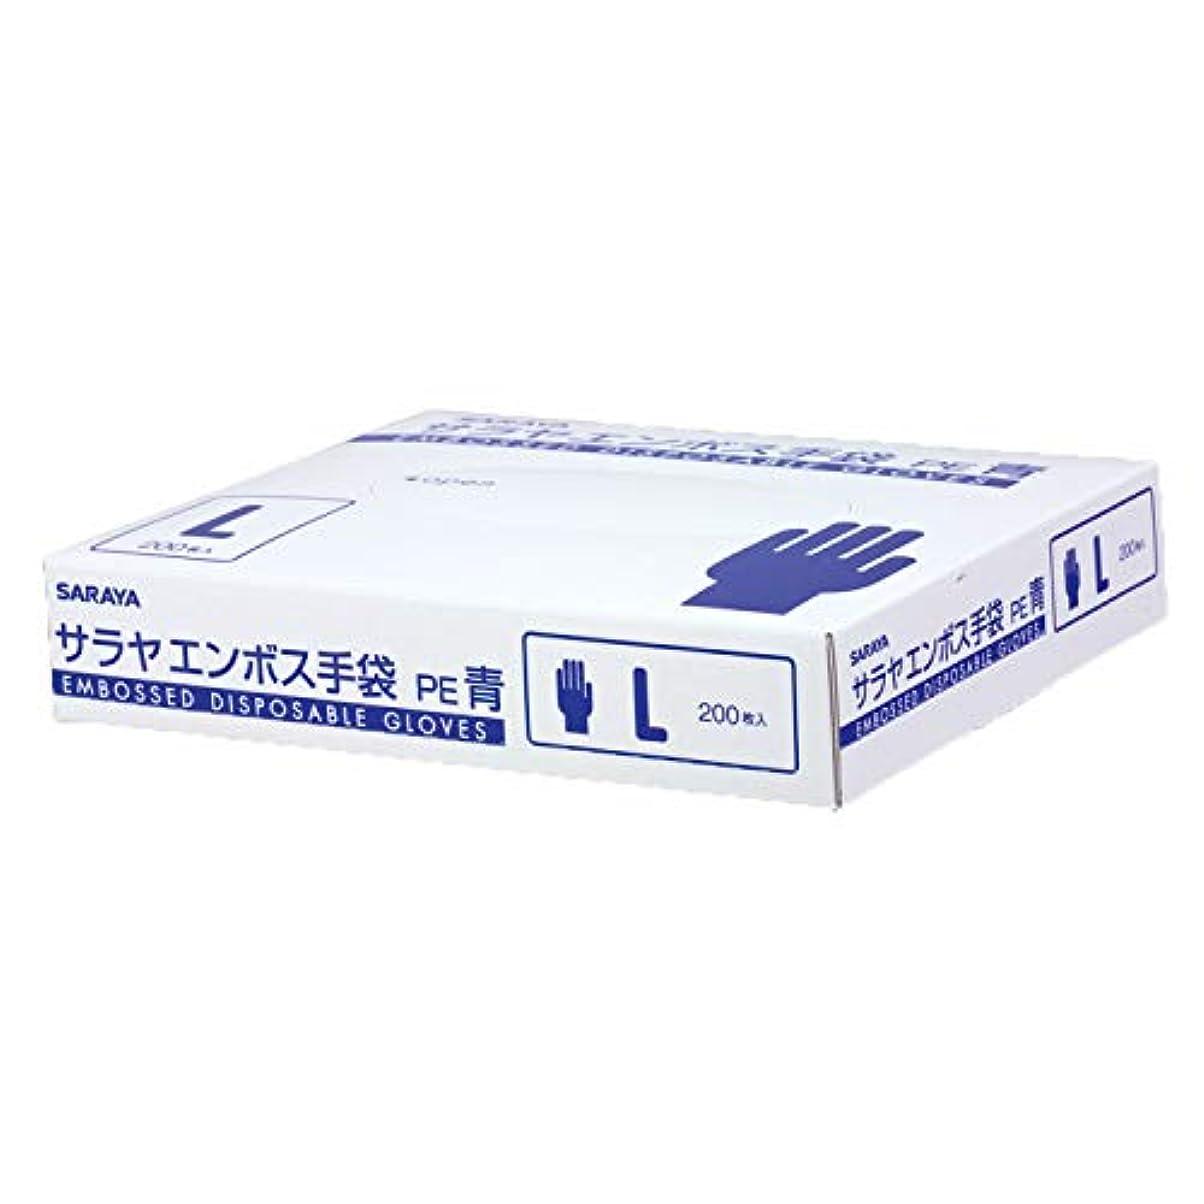 まともな追記吹きさらしサラヤ エンボス手袋PE 青 L 200枚×20箱 51095